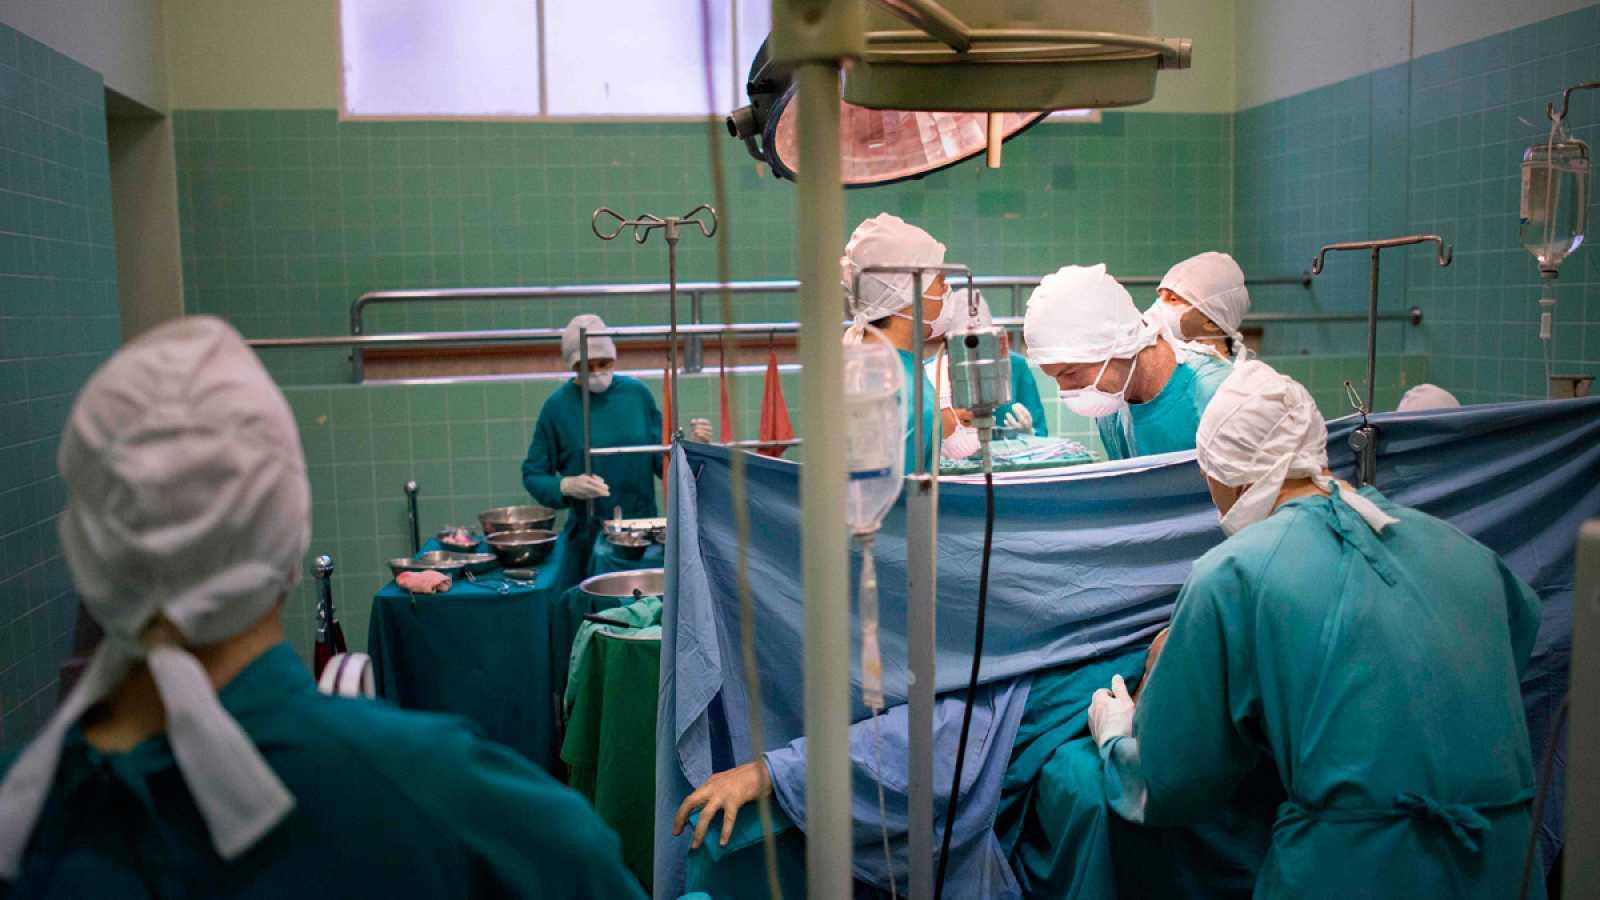 Se cumplen 50 años del primer trasplante de corazón